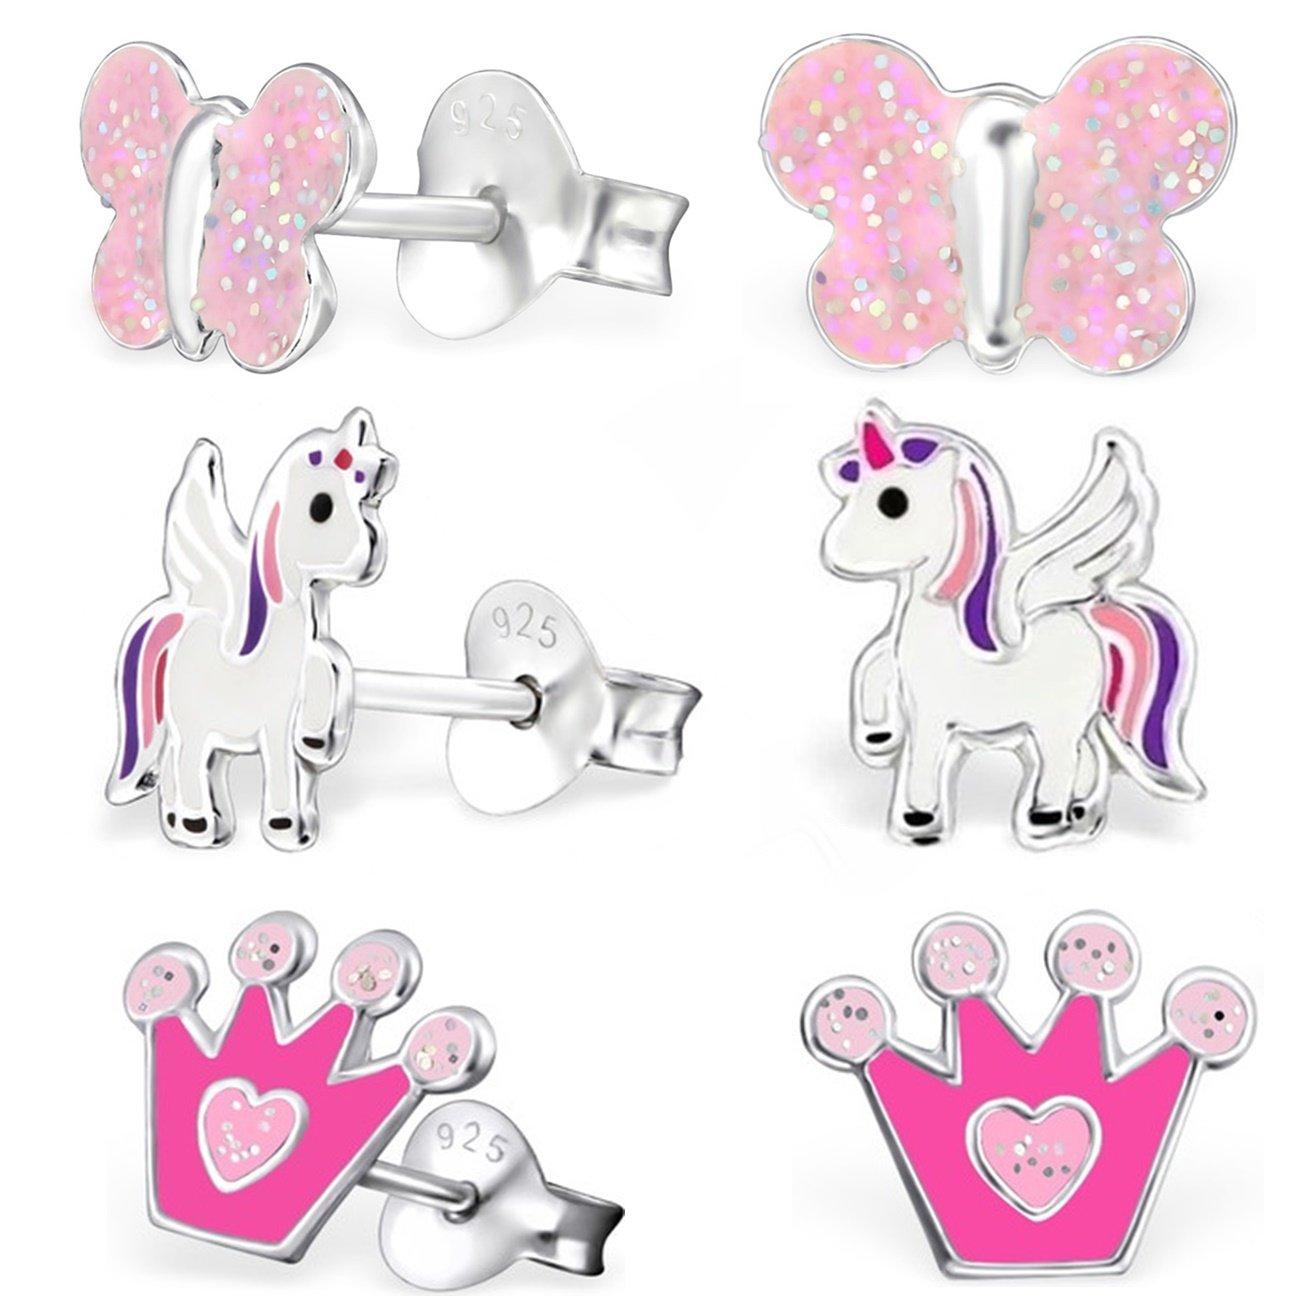 en v/éritable argent/925 de couronne et de papillon pour fille et enfant en forme de licorne ail/ée GH* Kids XM106 Lot de 3/paires de boucles d/'oreilles